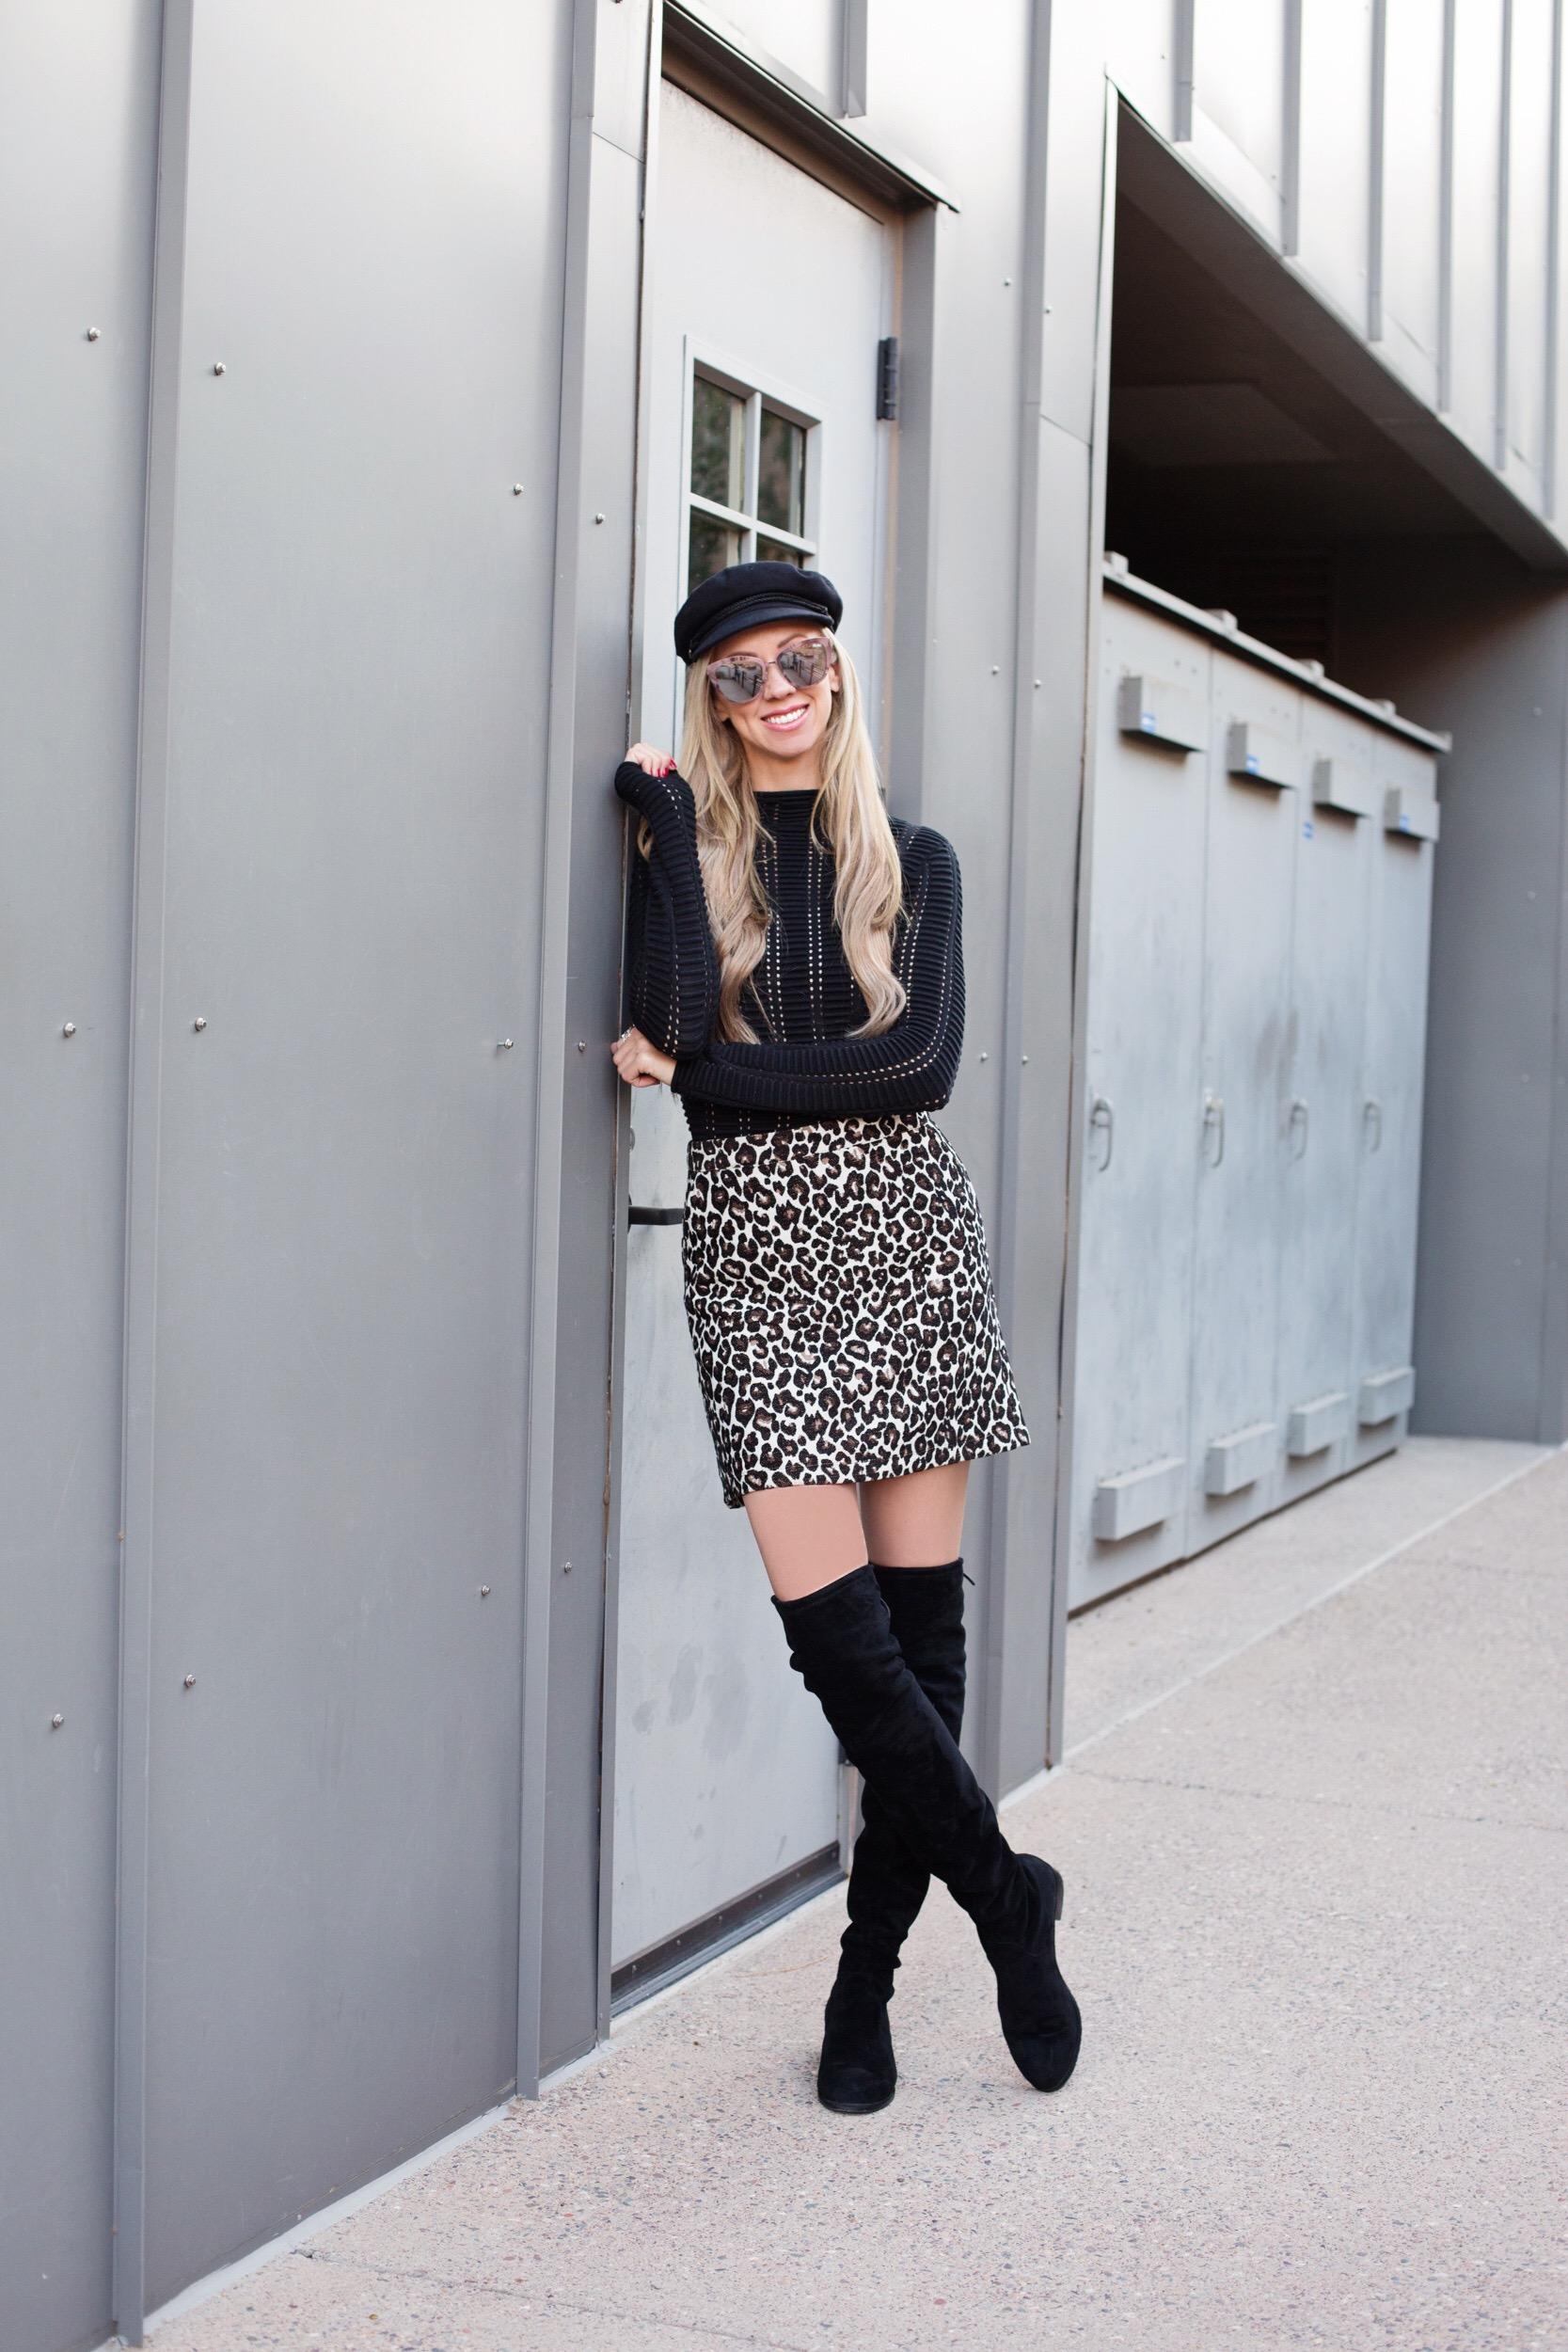 saks-off-5th-leopard-skirt-post.jpg